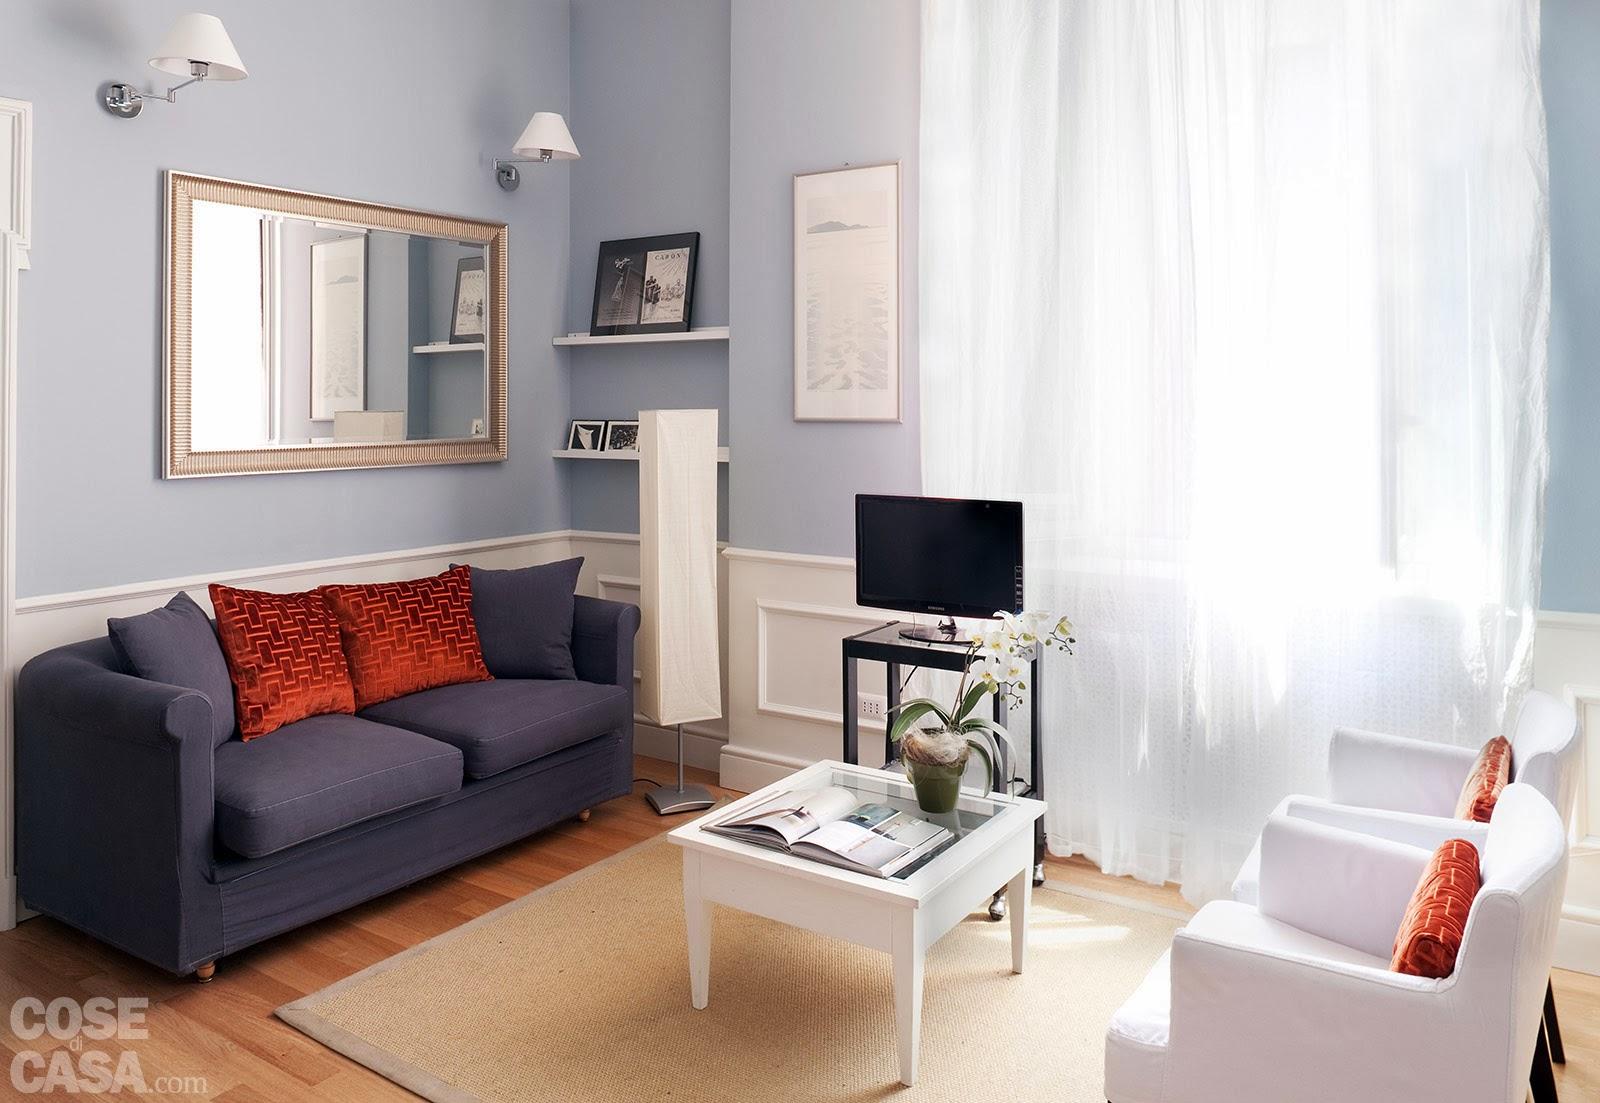 Soggiorno Pranzo 20 Mq : Vivo Di Immobili Come Arredare Una Casa Di 50  #7D3424 1600 1103 Come Arredare Cucina Soggiorno Di 20 Mq